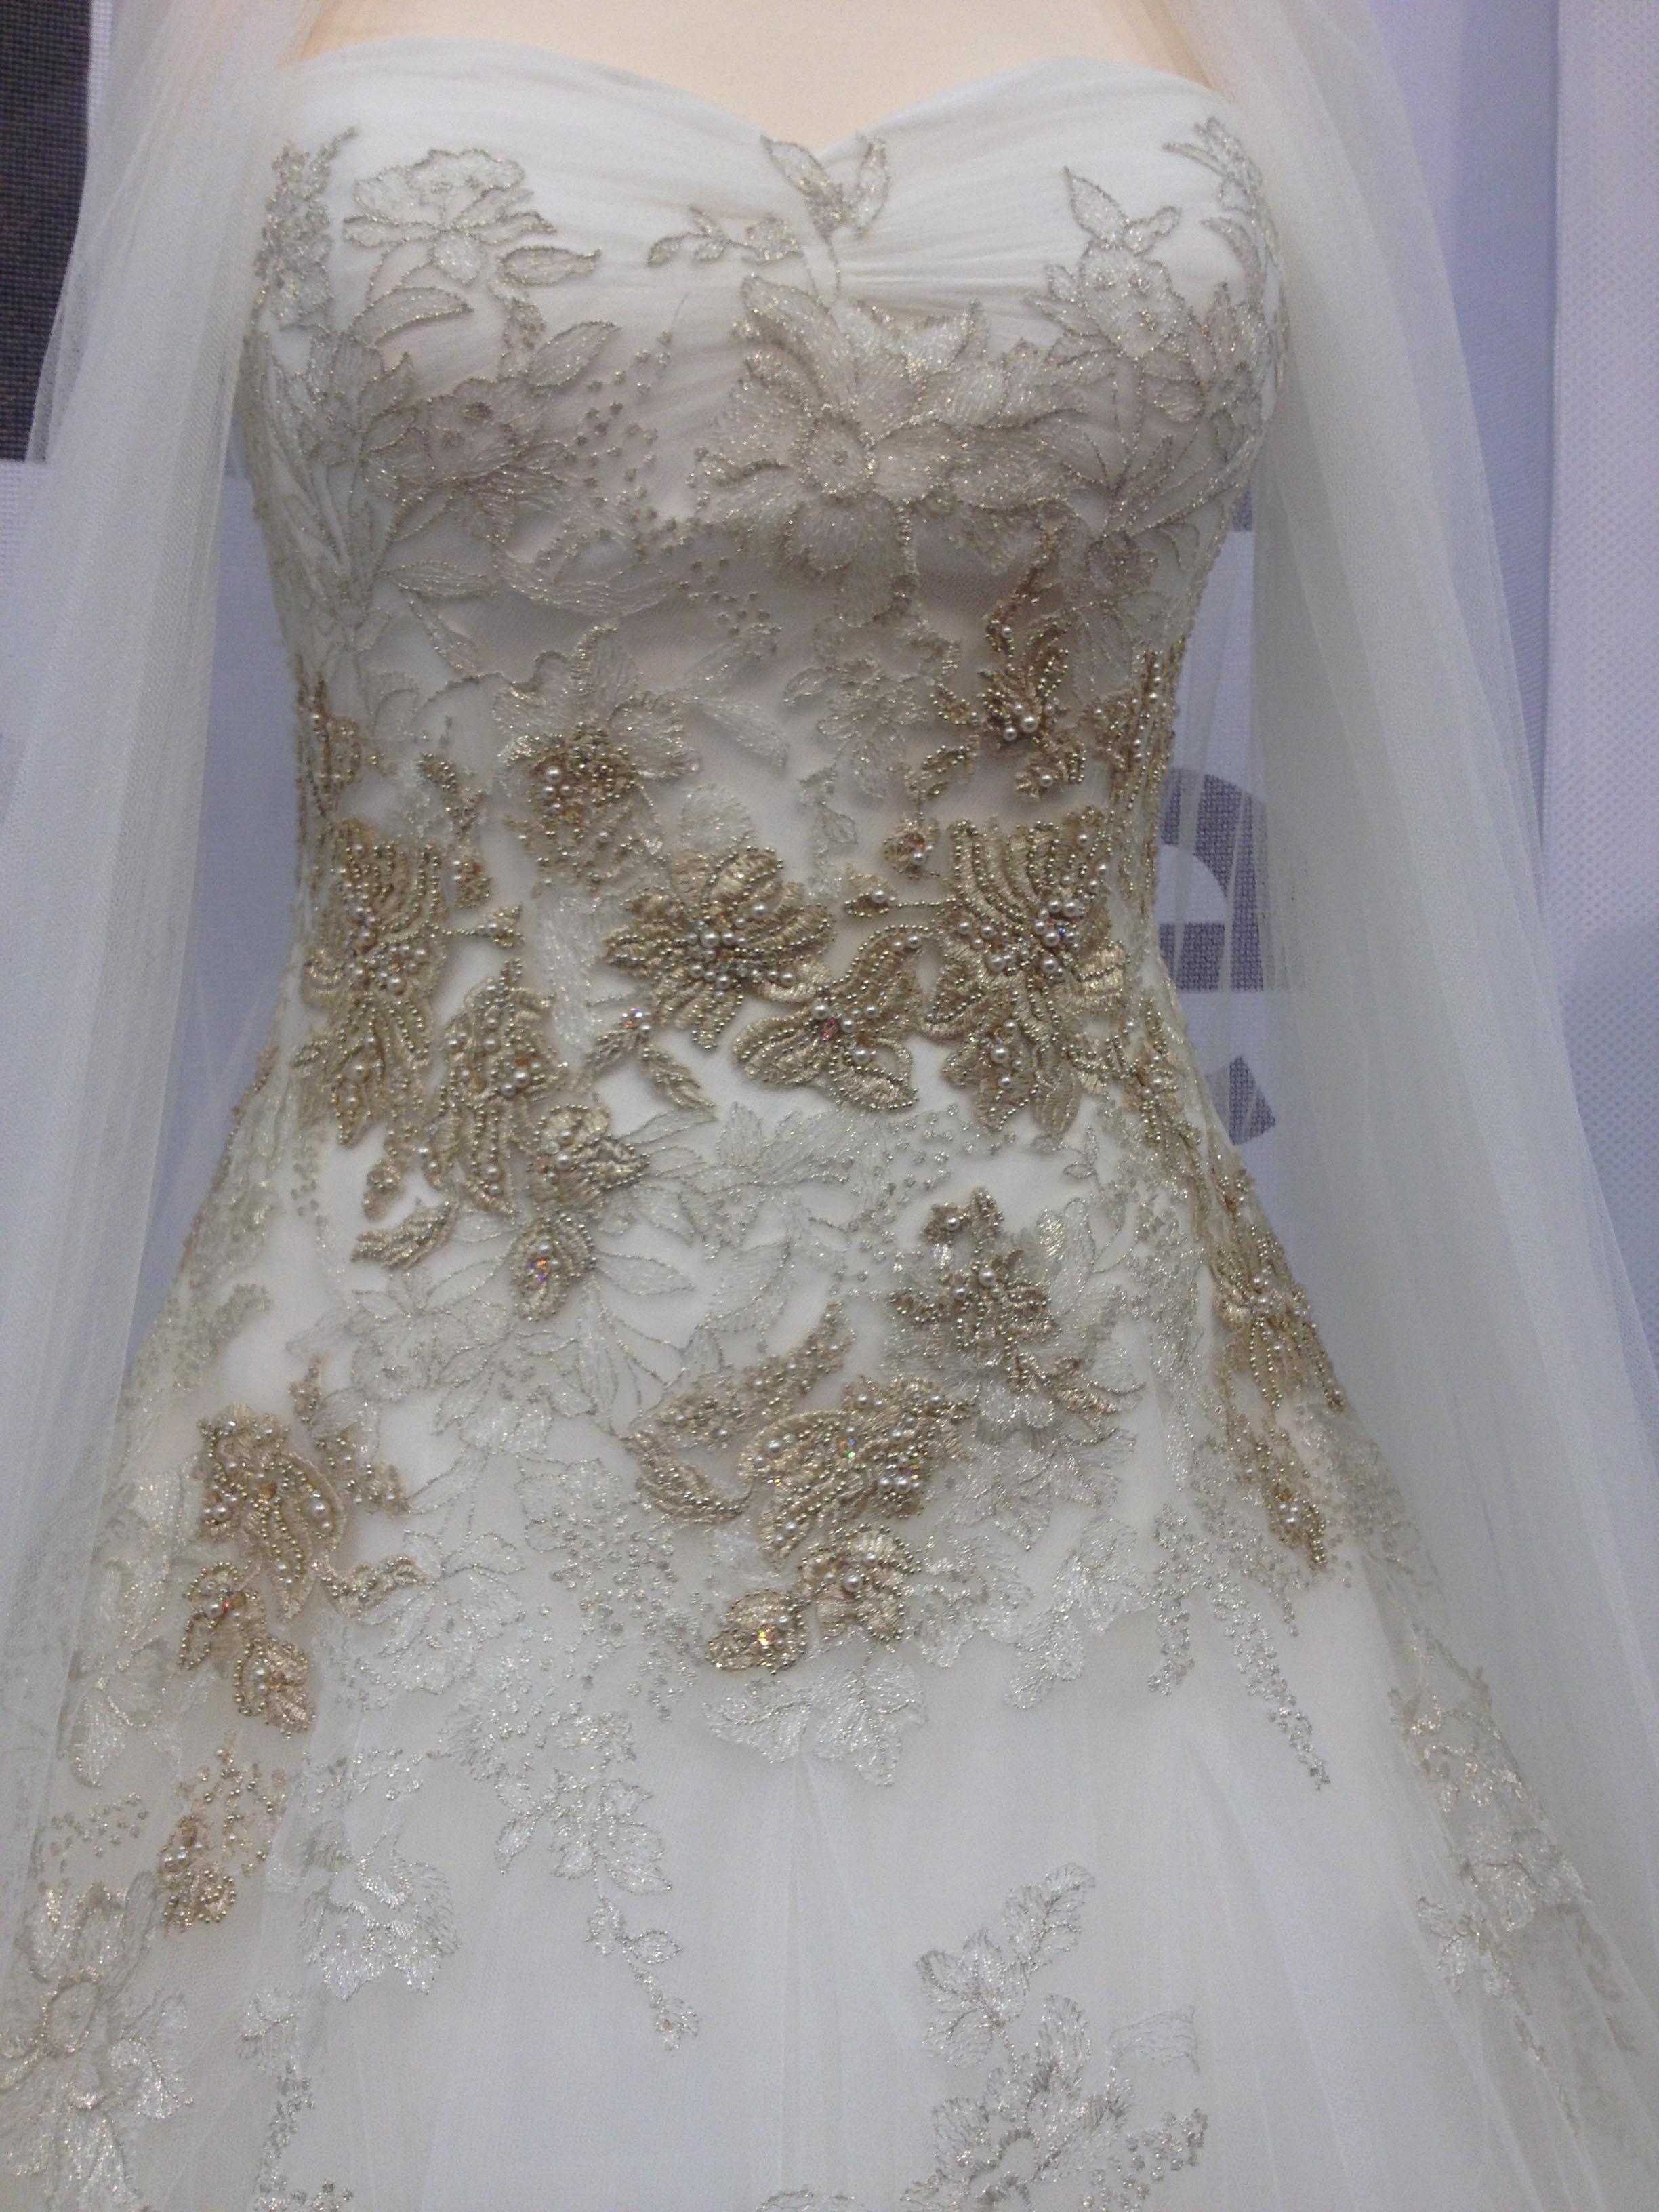 Wedding Dress Hochzeitsmesse Impressionen Hochzeit heiraten Brautkleid hochzeitskleid spitze